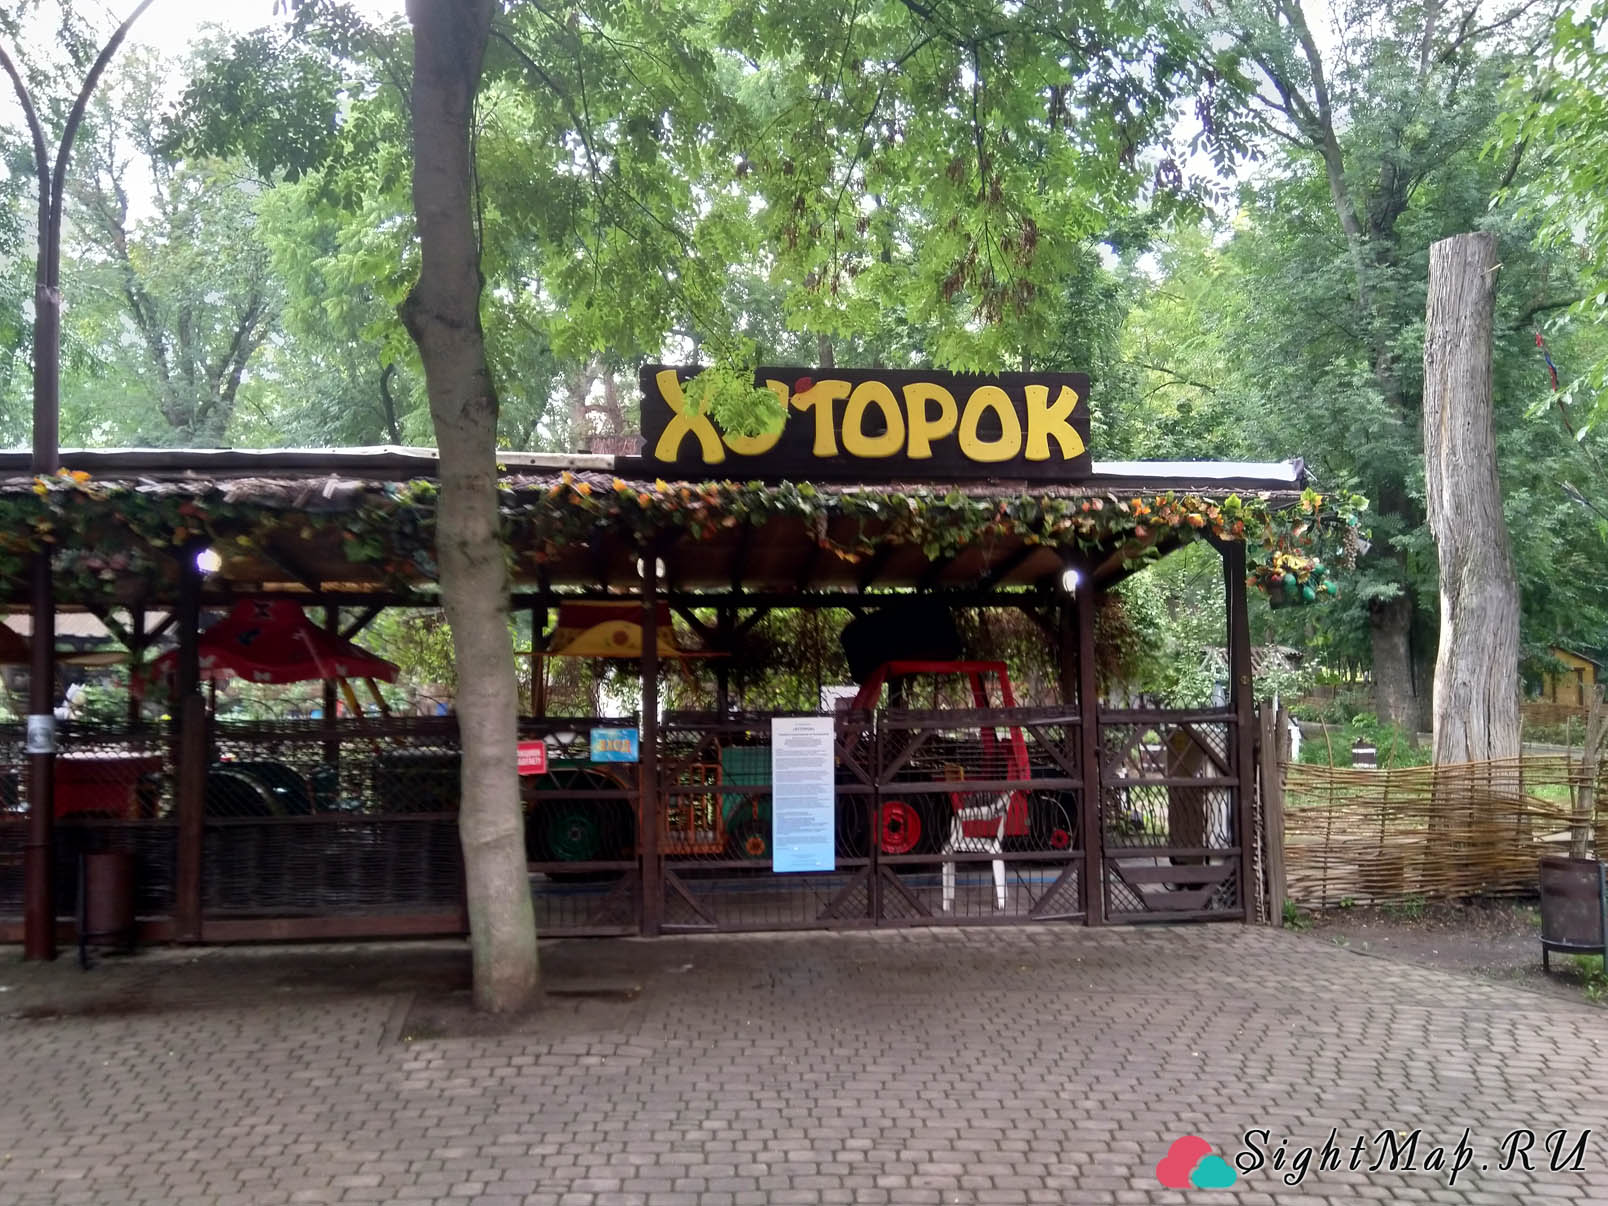 Чистяковская роща - парк в городе Краснодар. Фото | 1206x1608